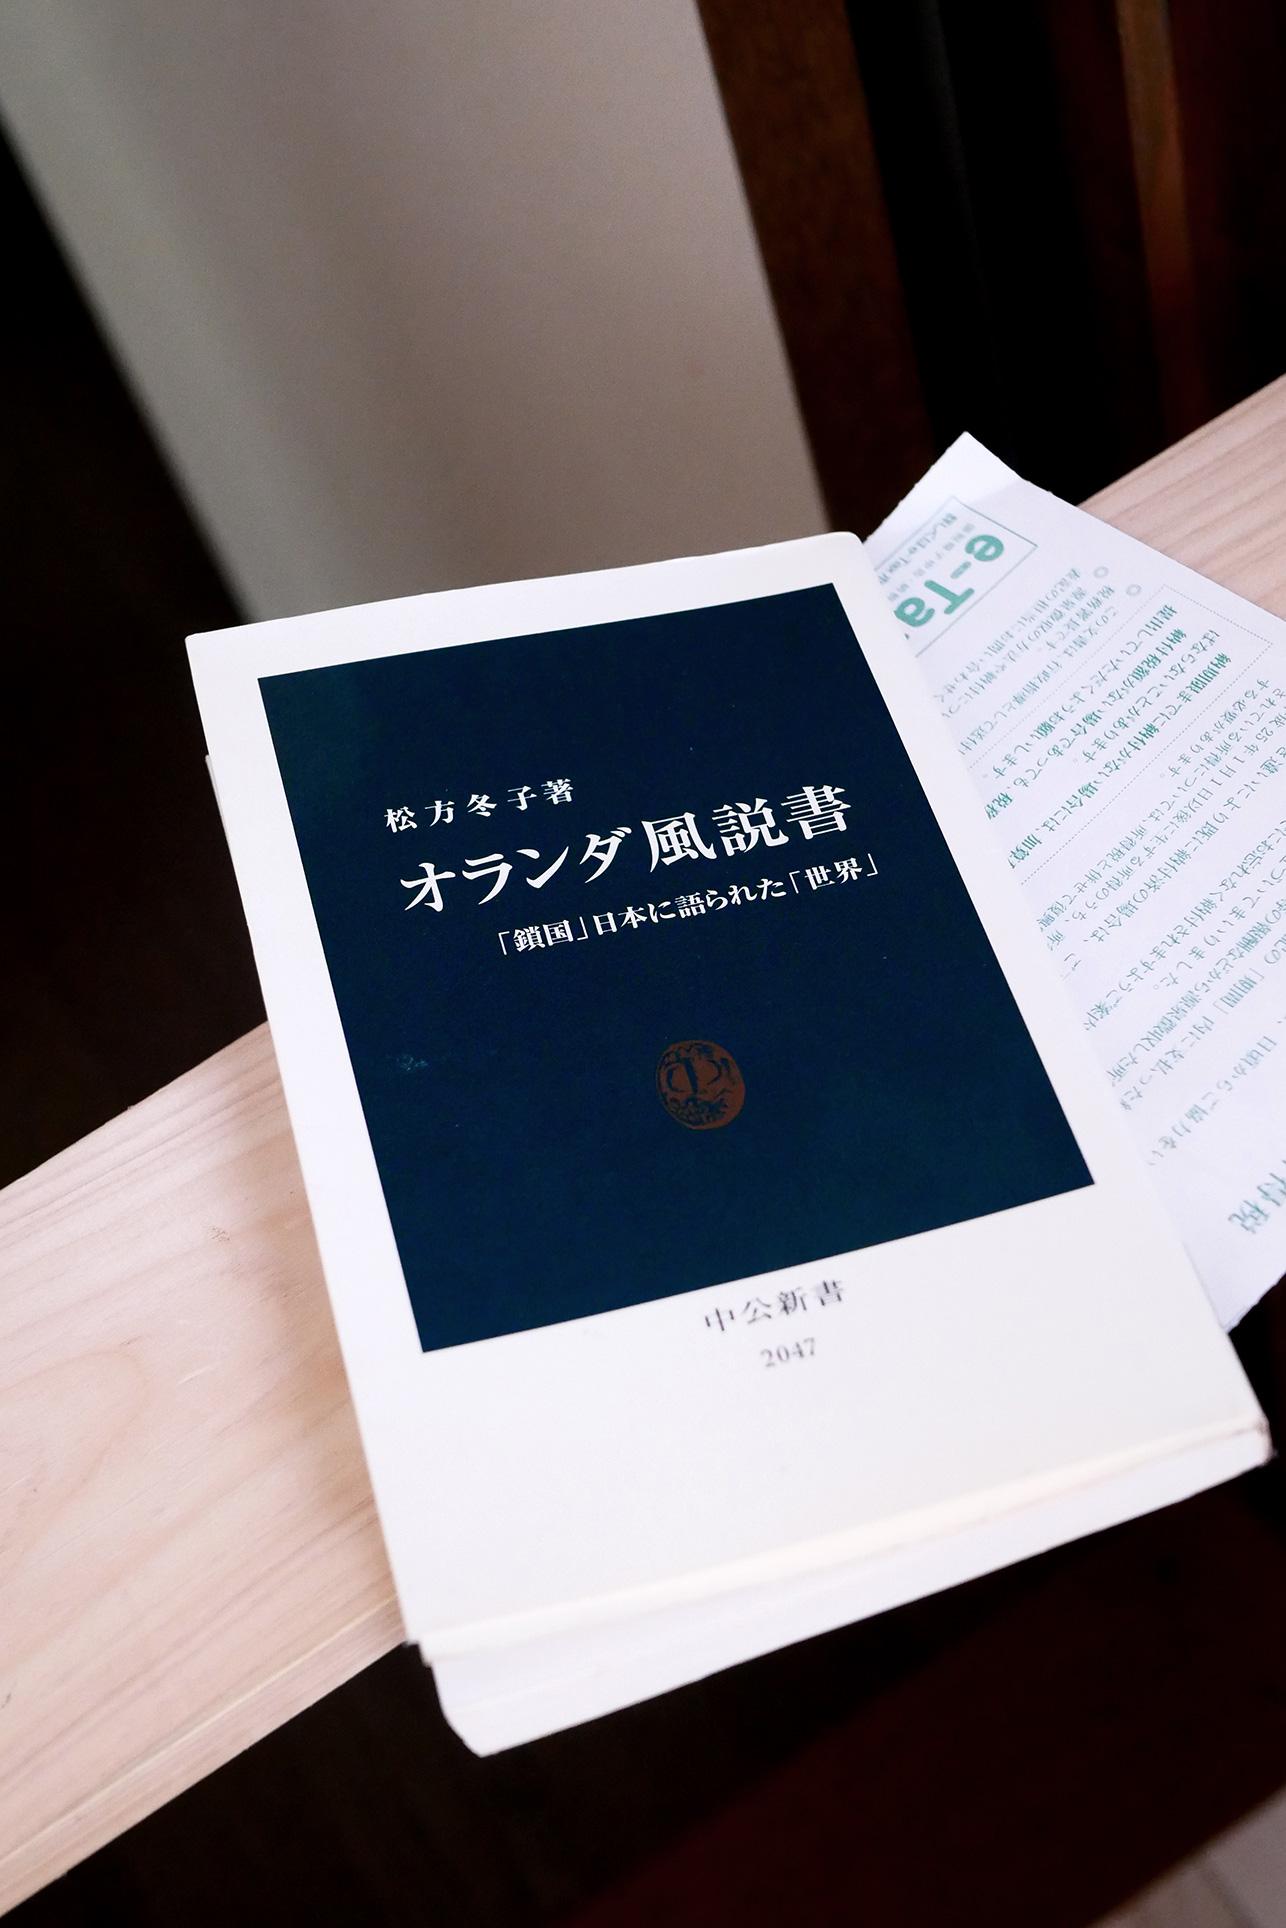 書籍オランダ風説書―「鎖国」日本に語られた「世界」(松方 冬子/中央公論新社)」の表紙画像